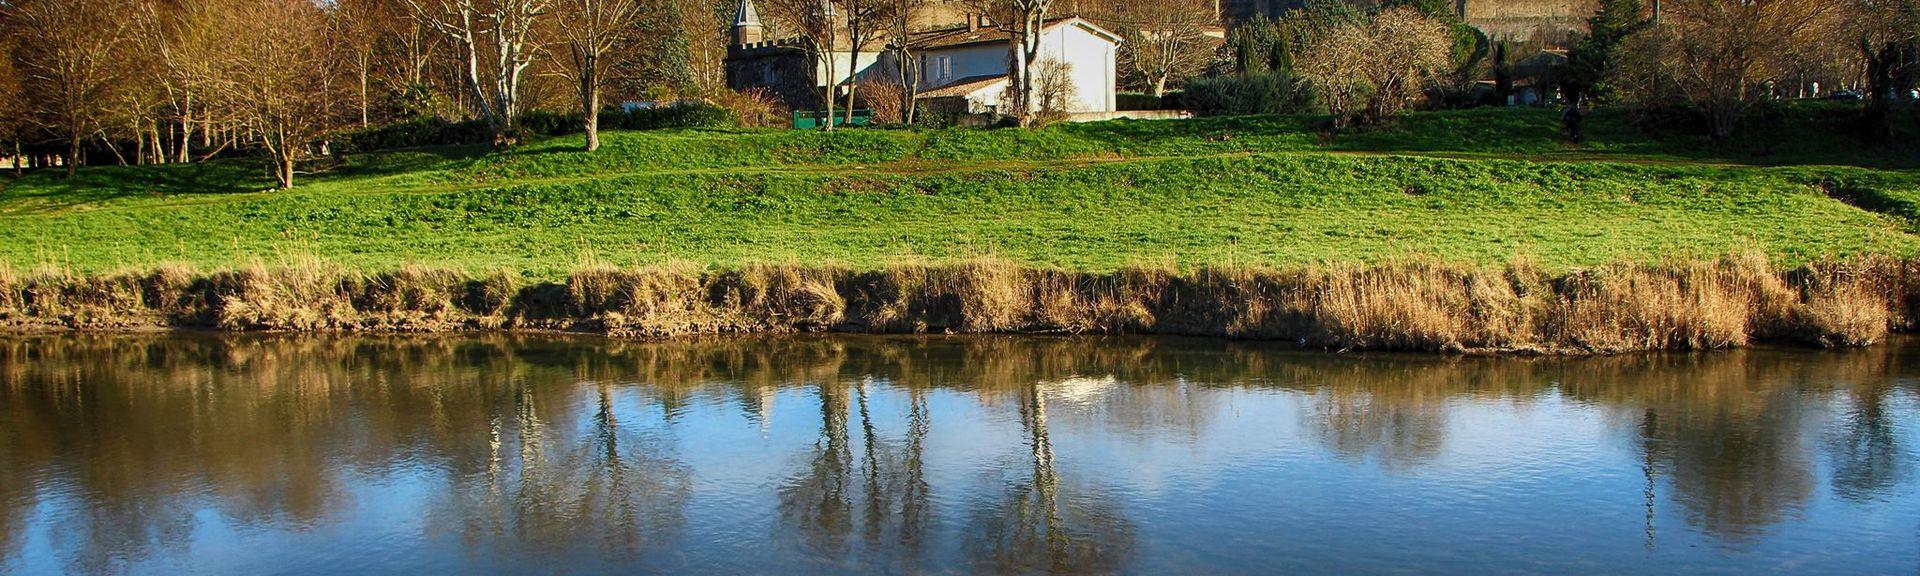 Pezens, Aude, France